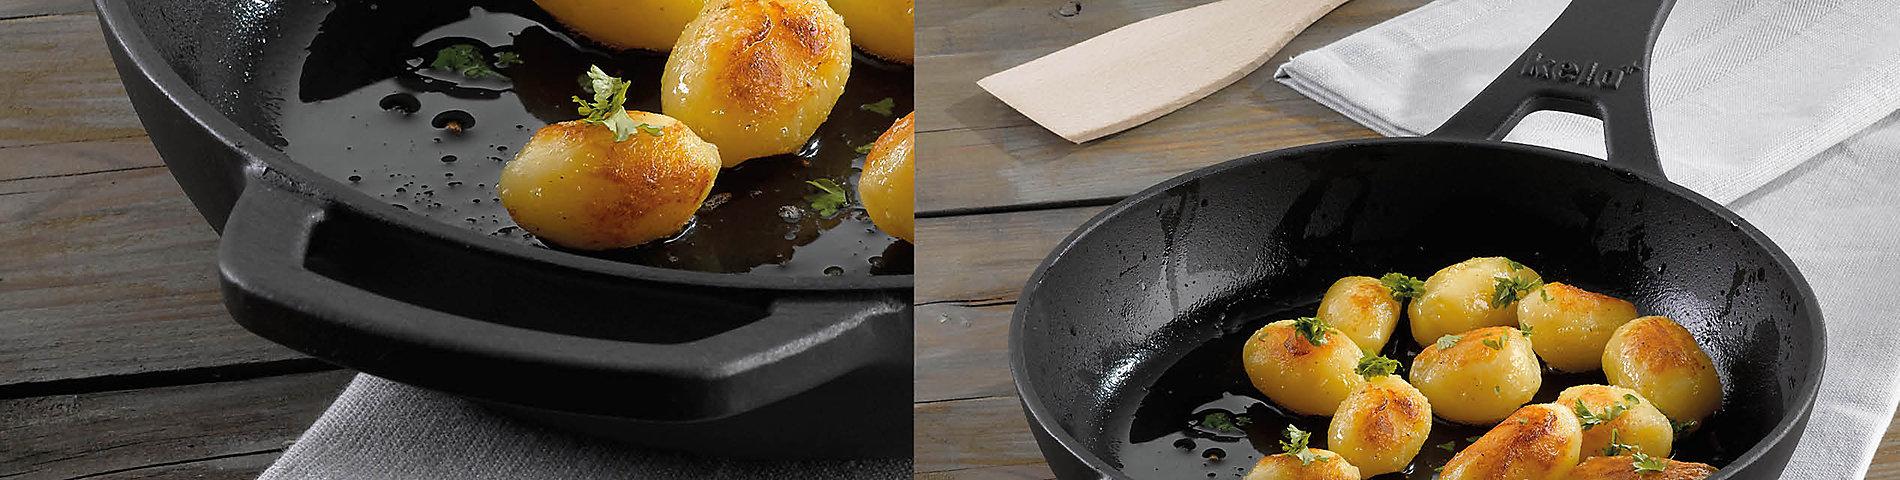 Vielseitige Pfannenauswahl für Ihre Küchenausstattung